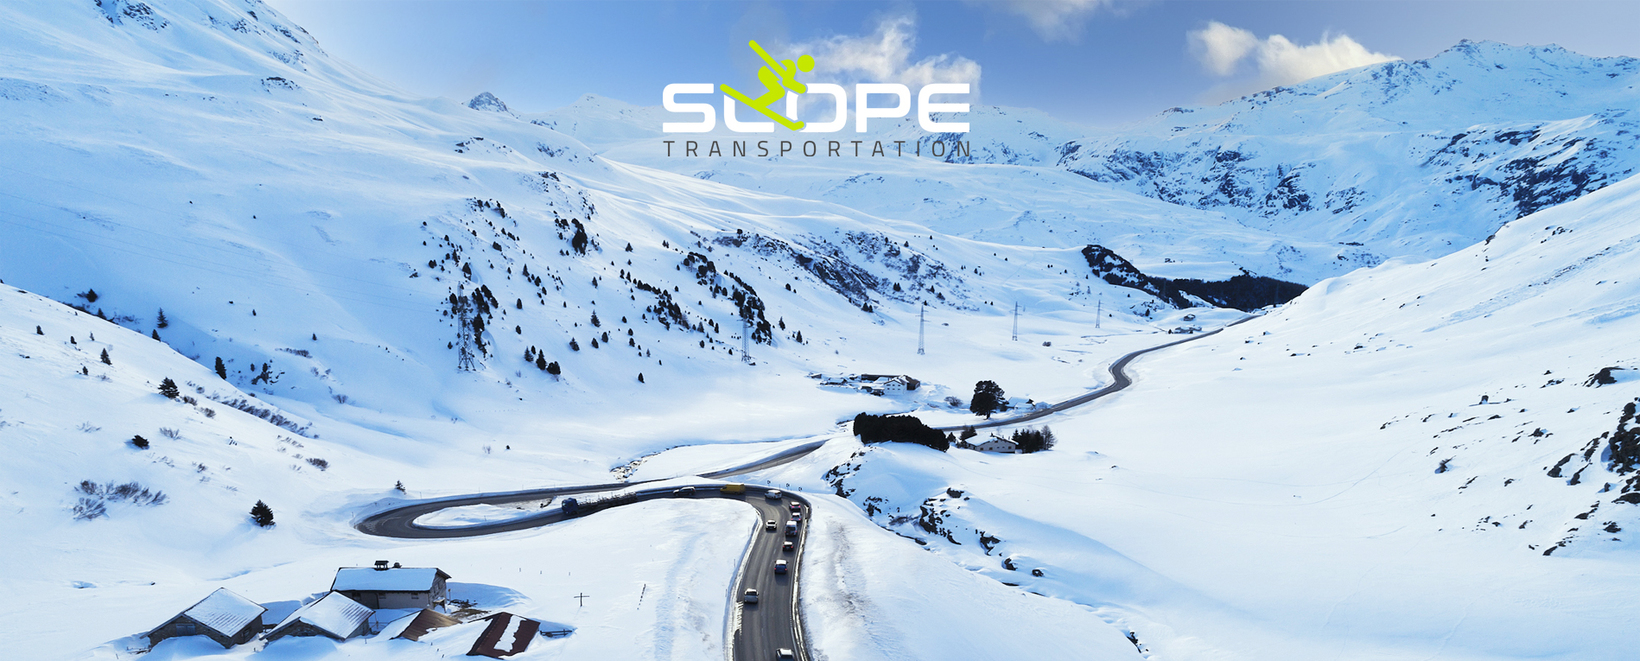 Transportation To Colorado's Top Ski Destinations